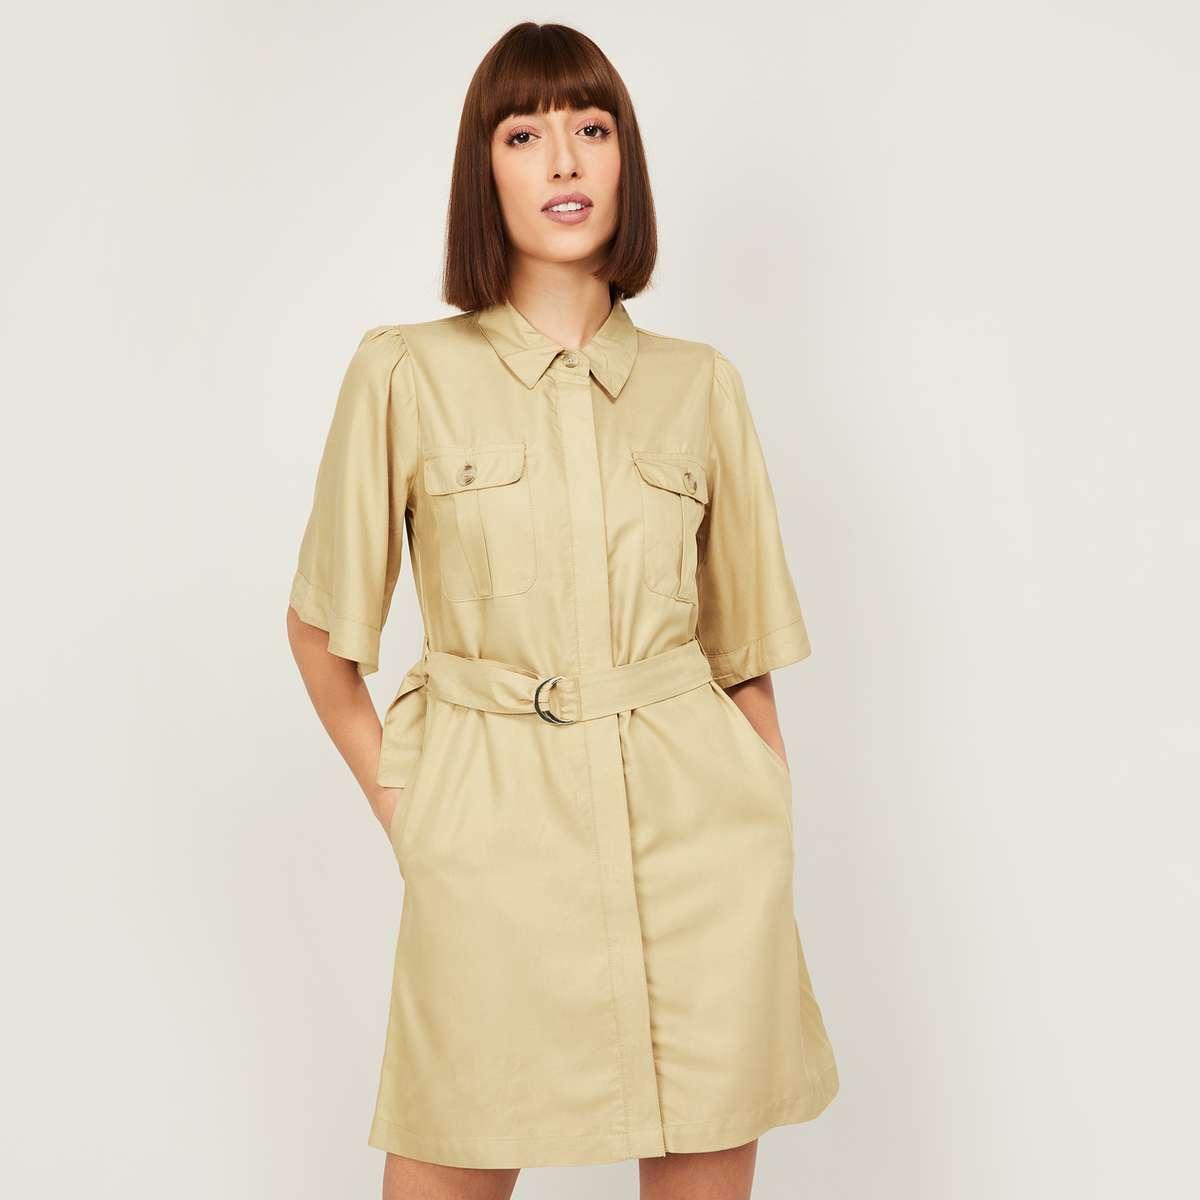 5.GINGER Women Solid Shirt Dress